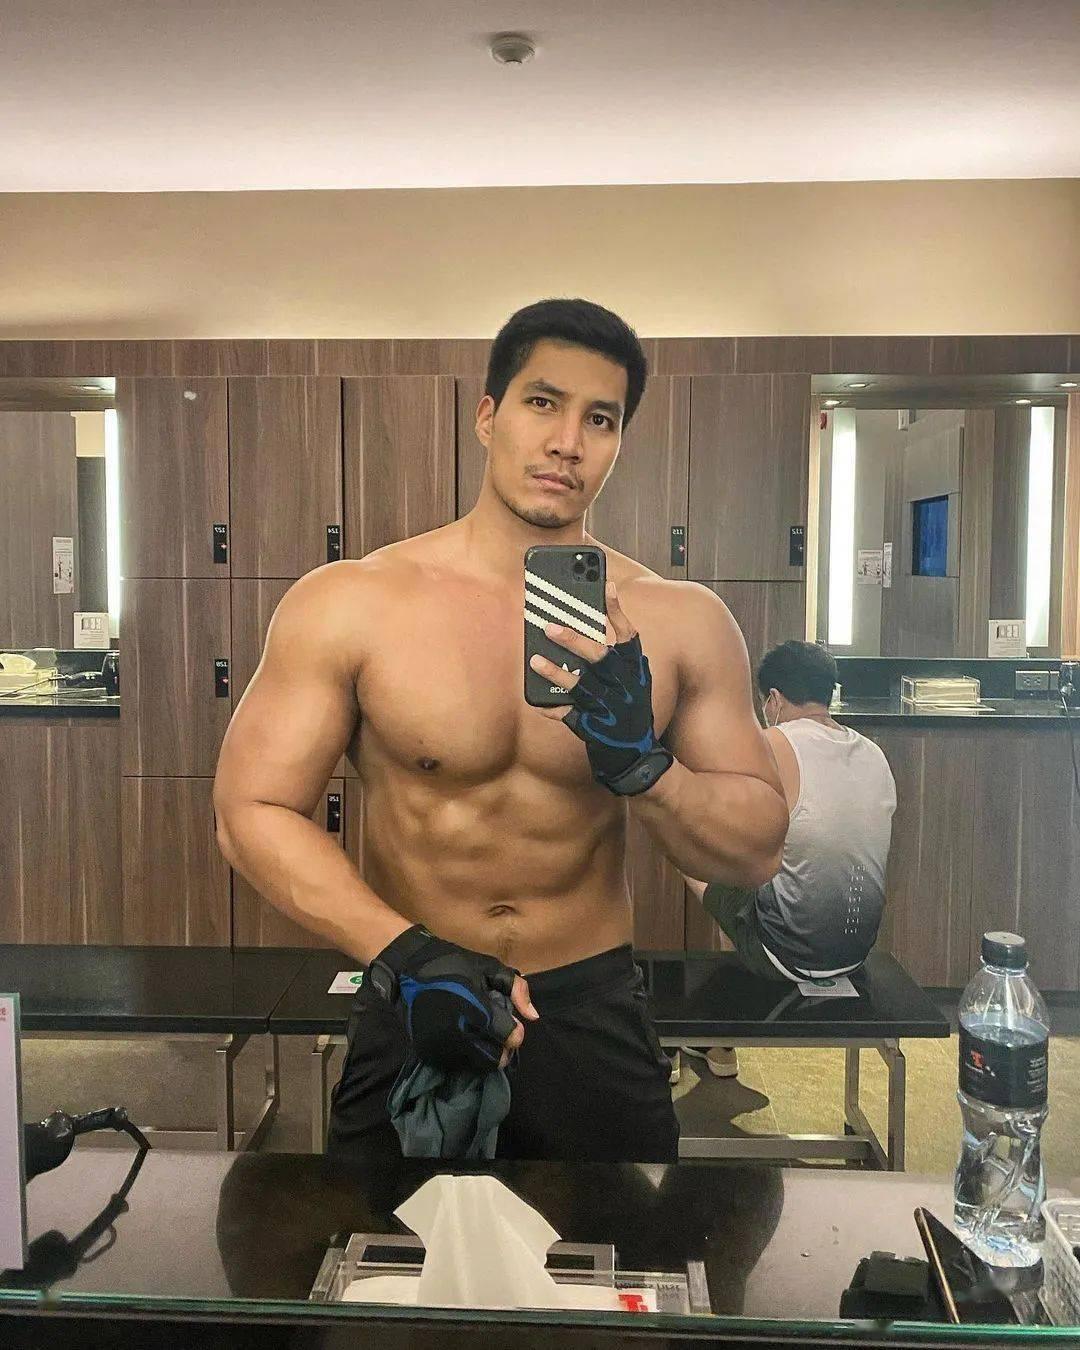 男人练出一身肌肉,帅不帅,与年龄无关!